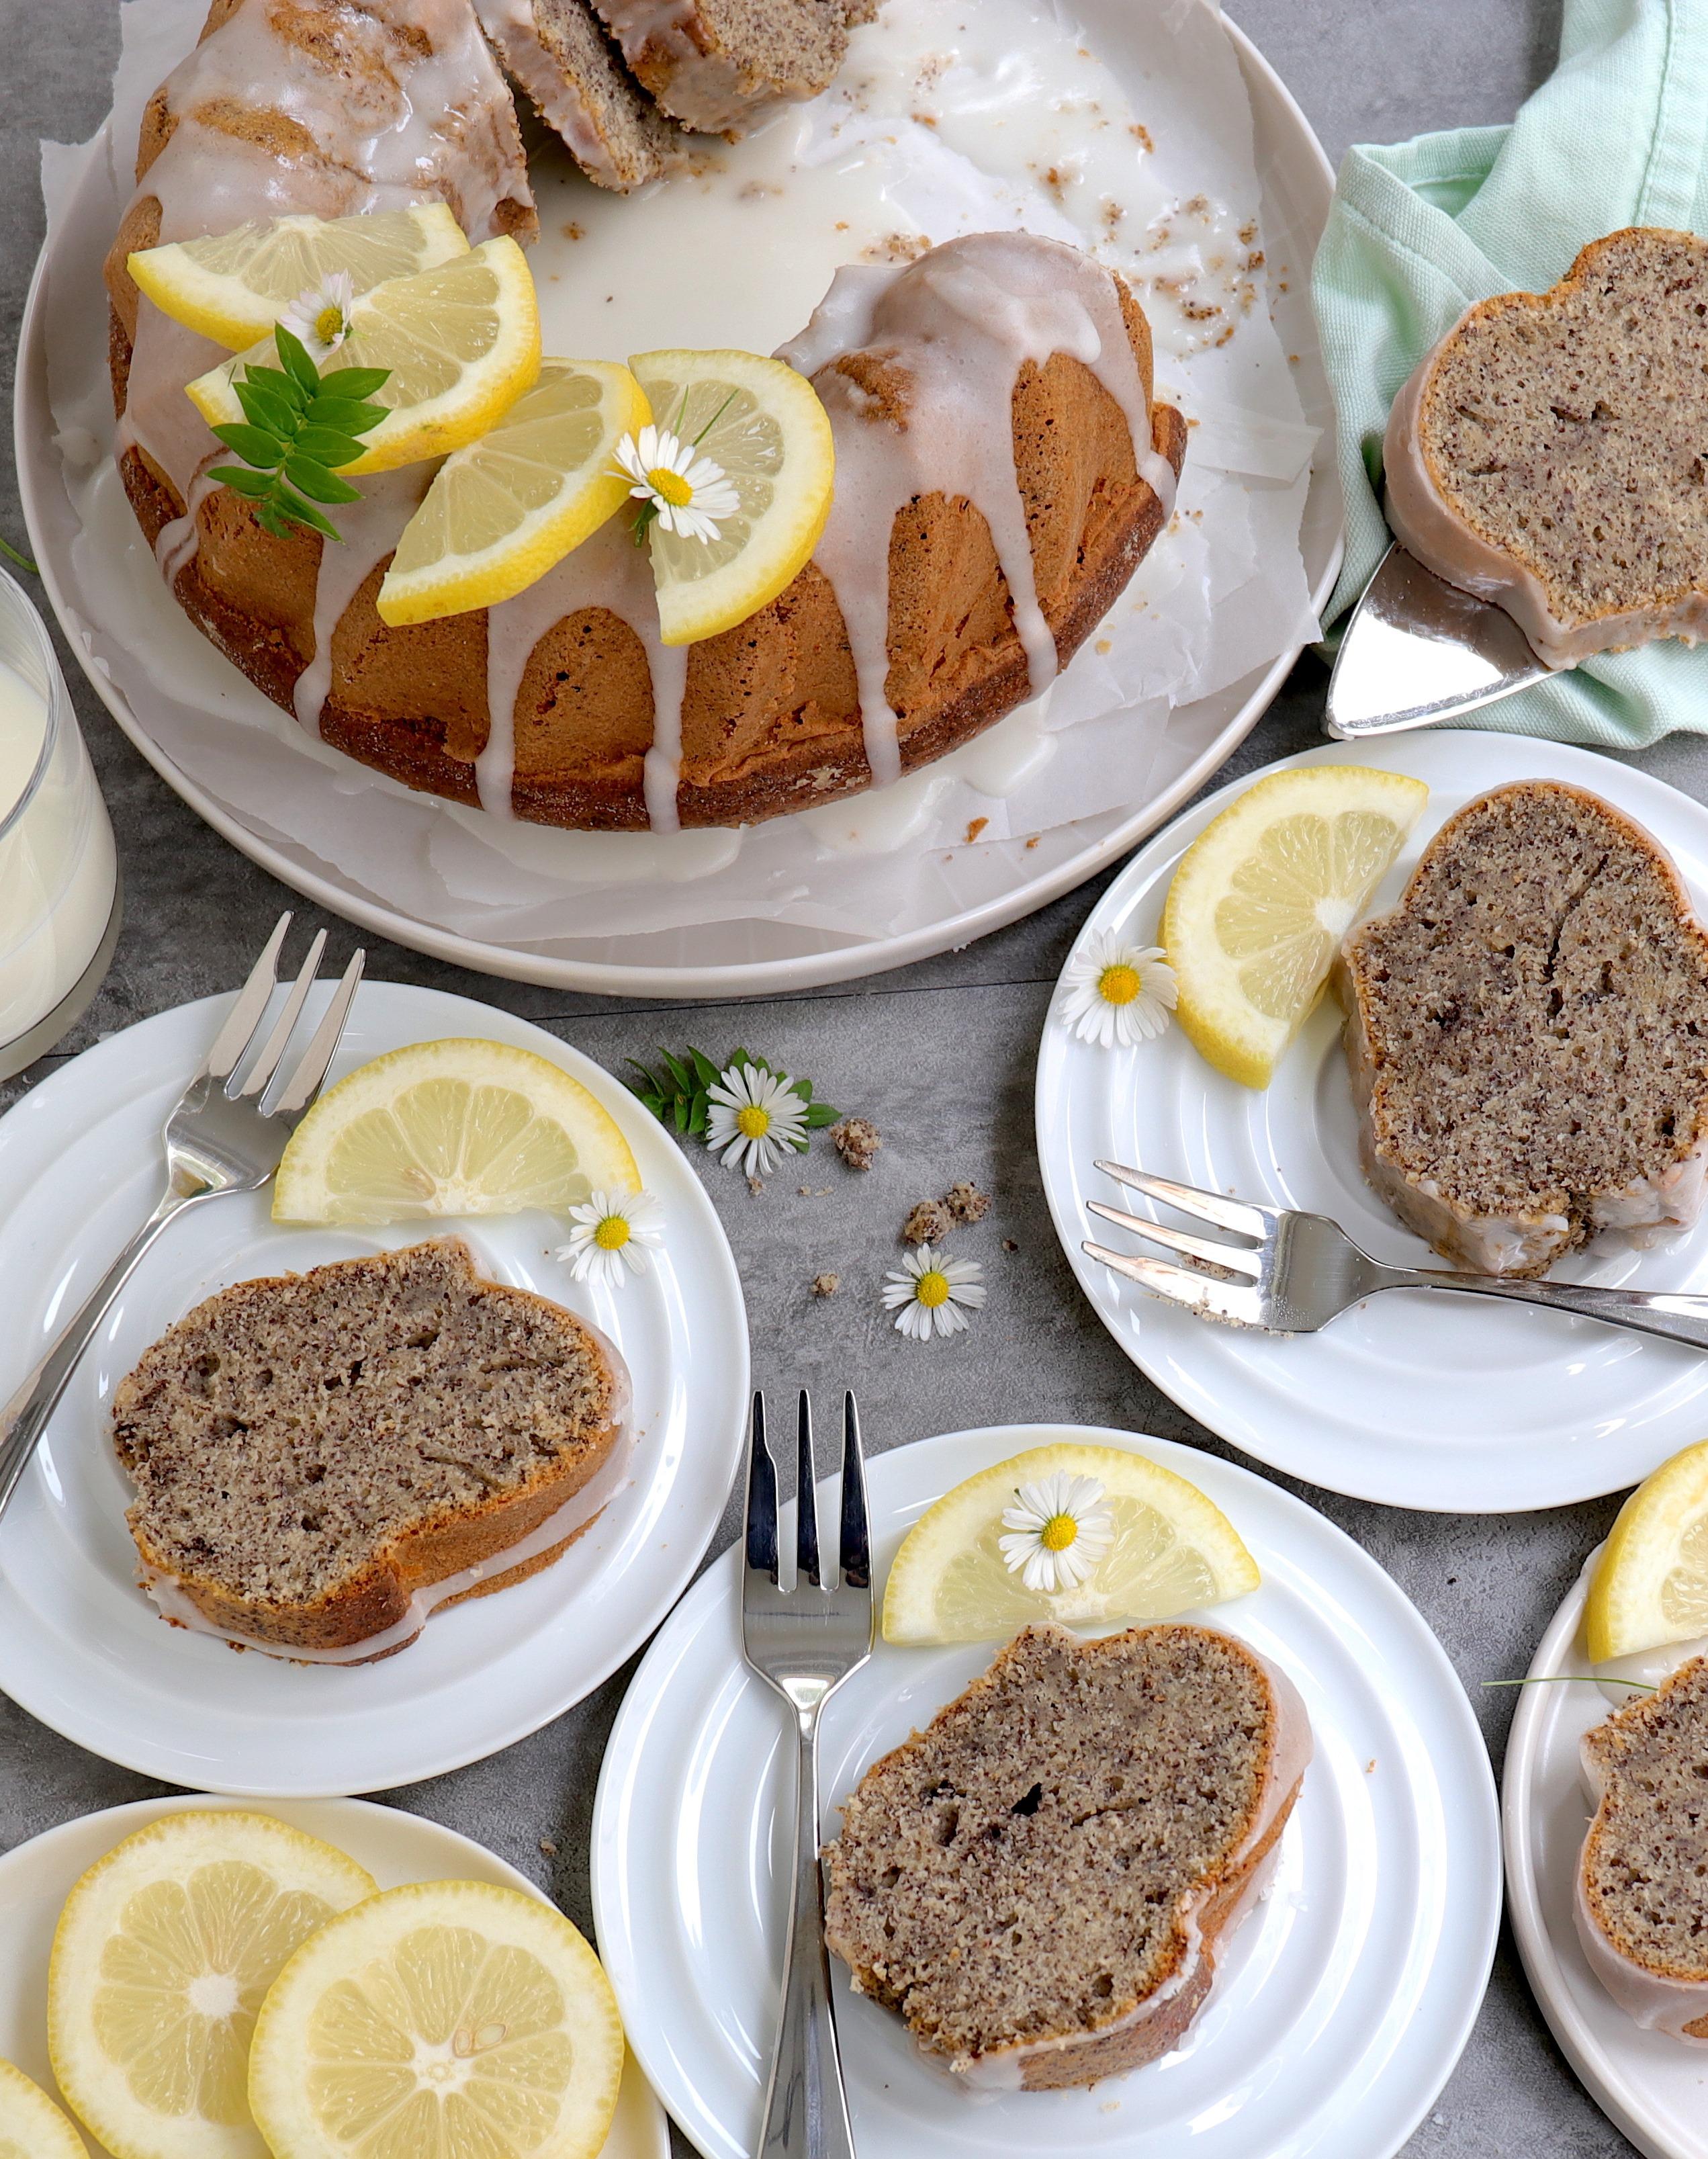 Saftiger Zitronen-Gugelhupf mit Mohn